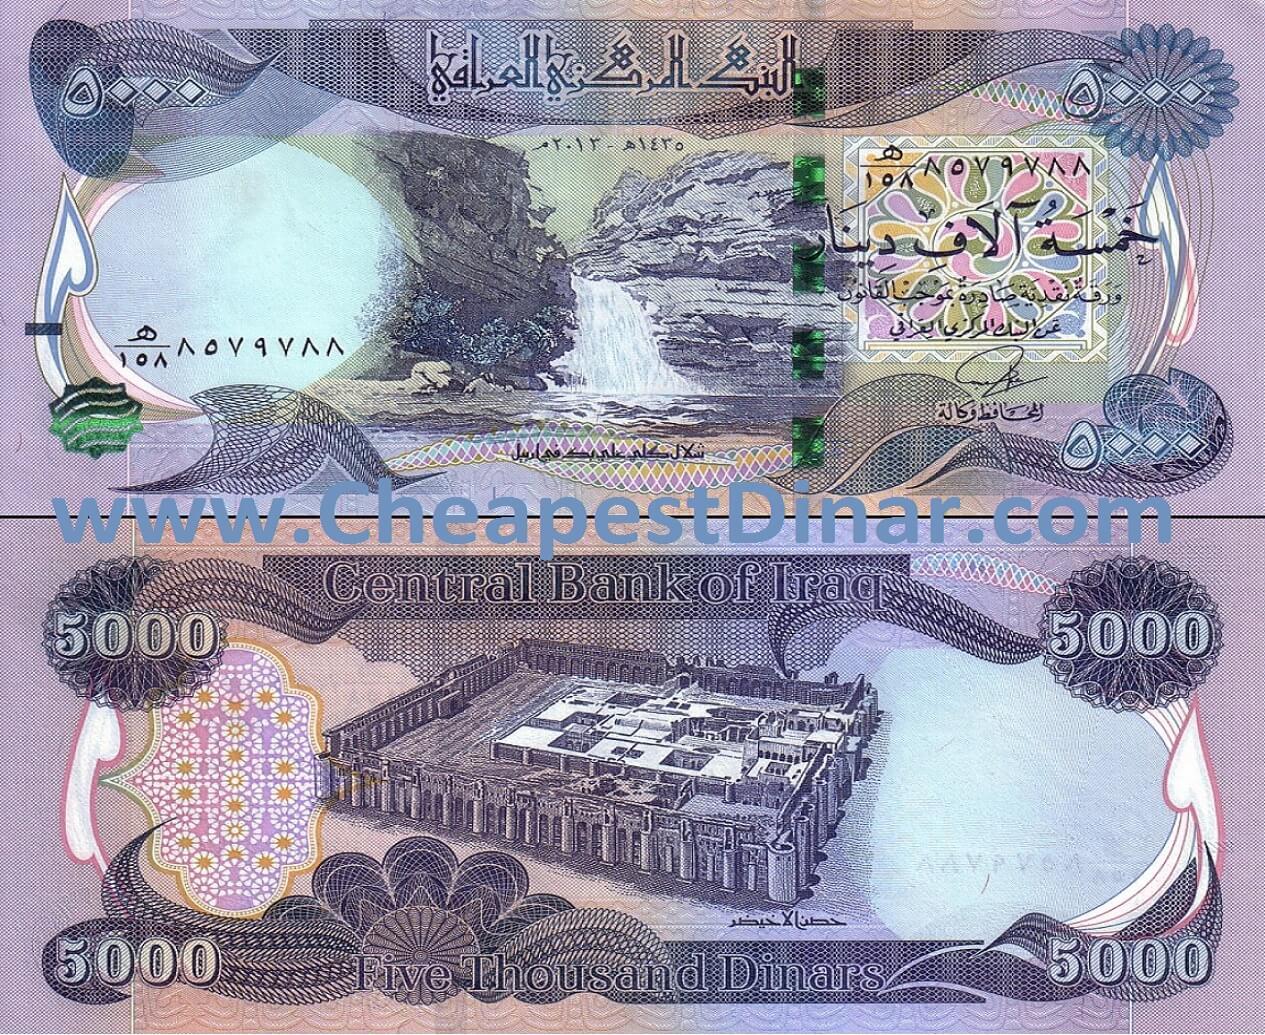 5 000 Iraqi Dinar Notes Circulated